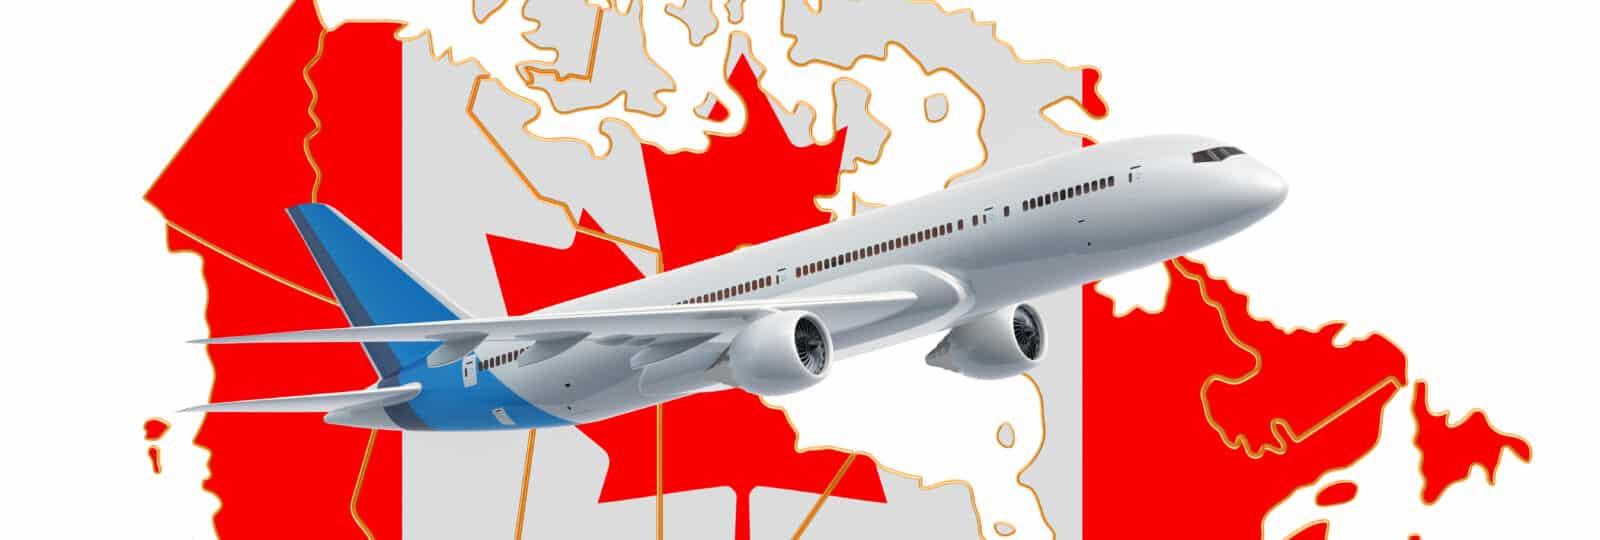 Landkarte Kanada mit Flagge und Flugzeug